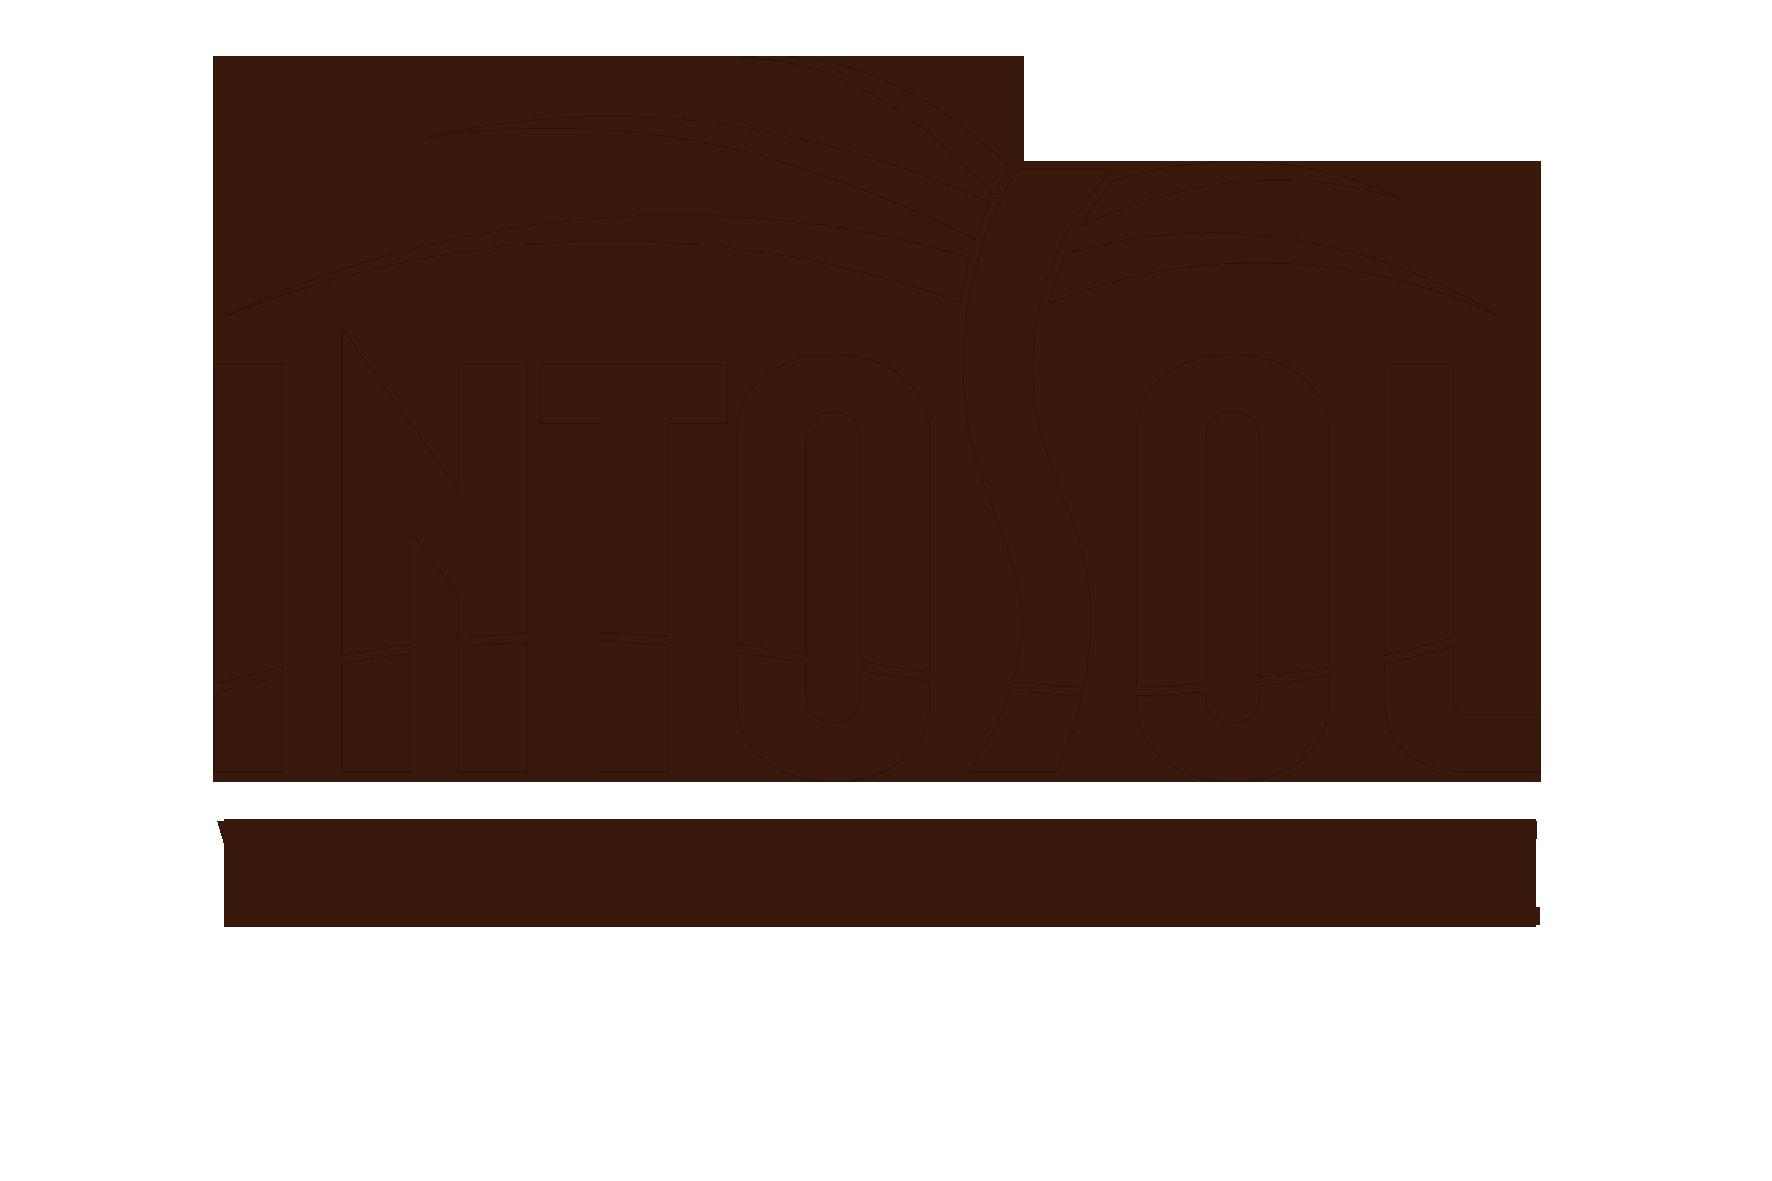 intosol